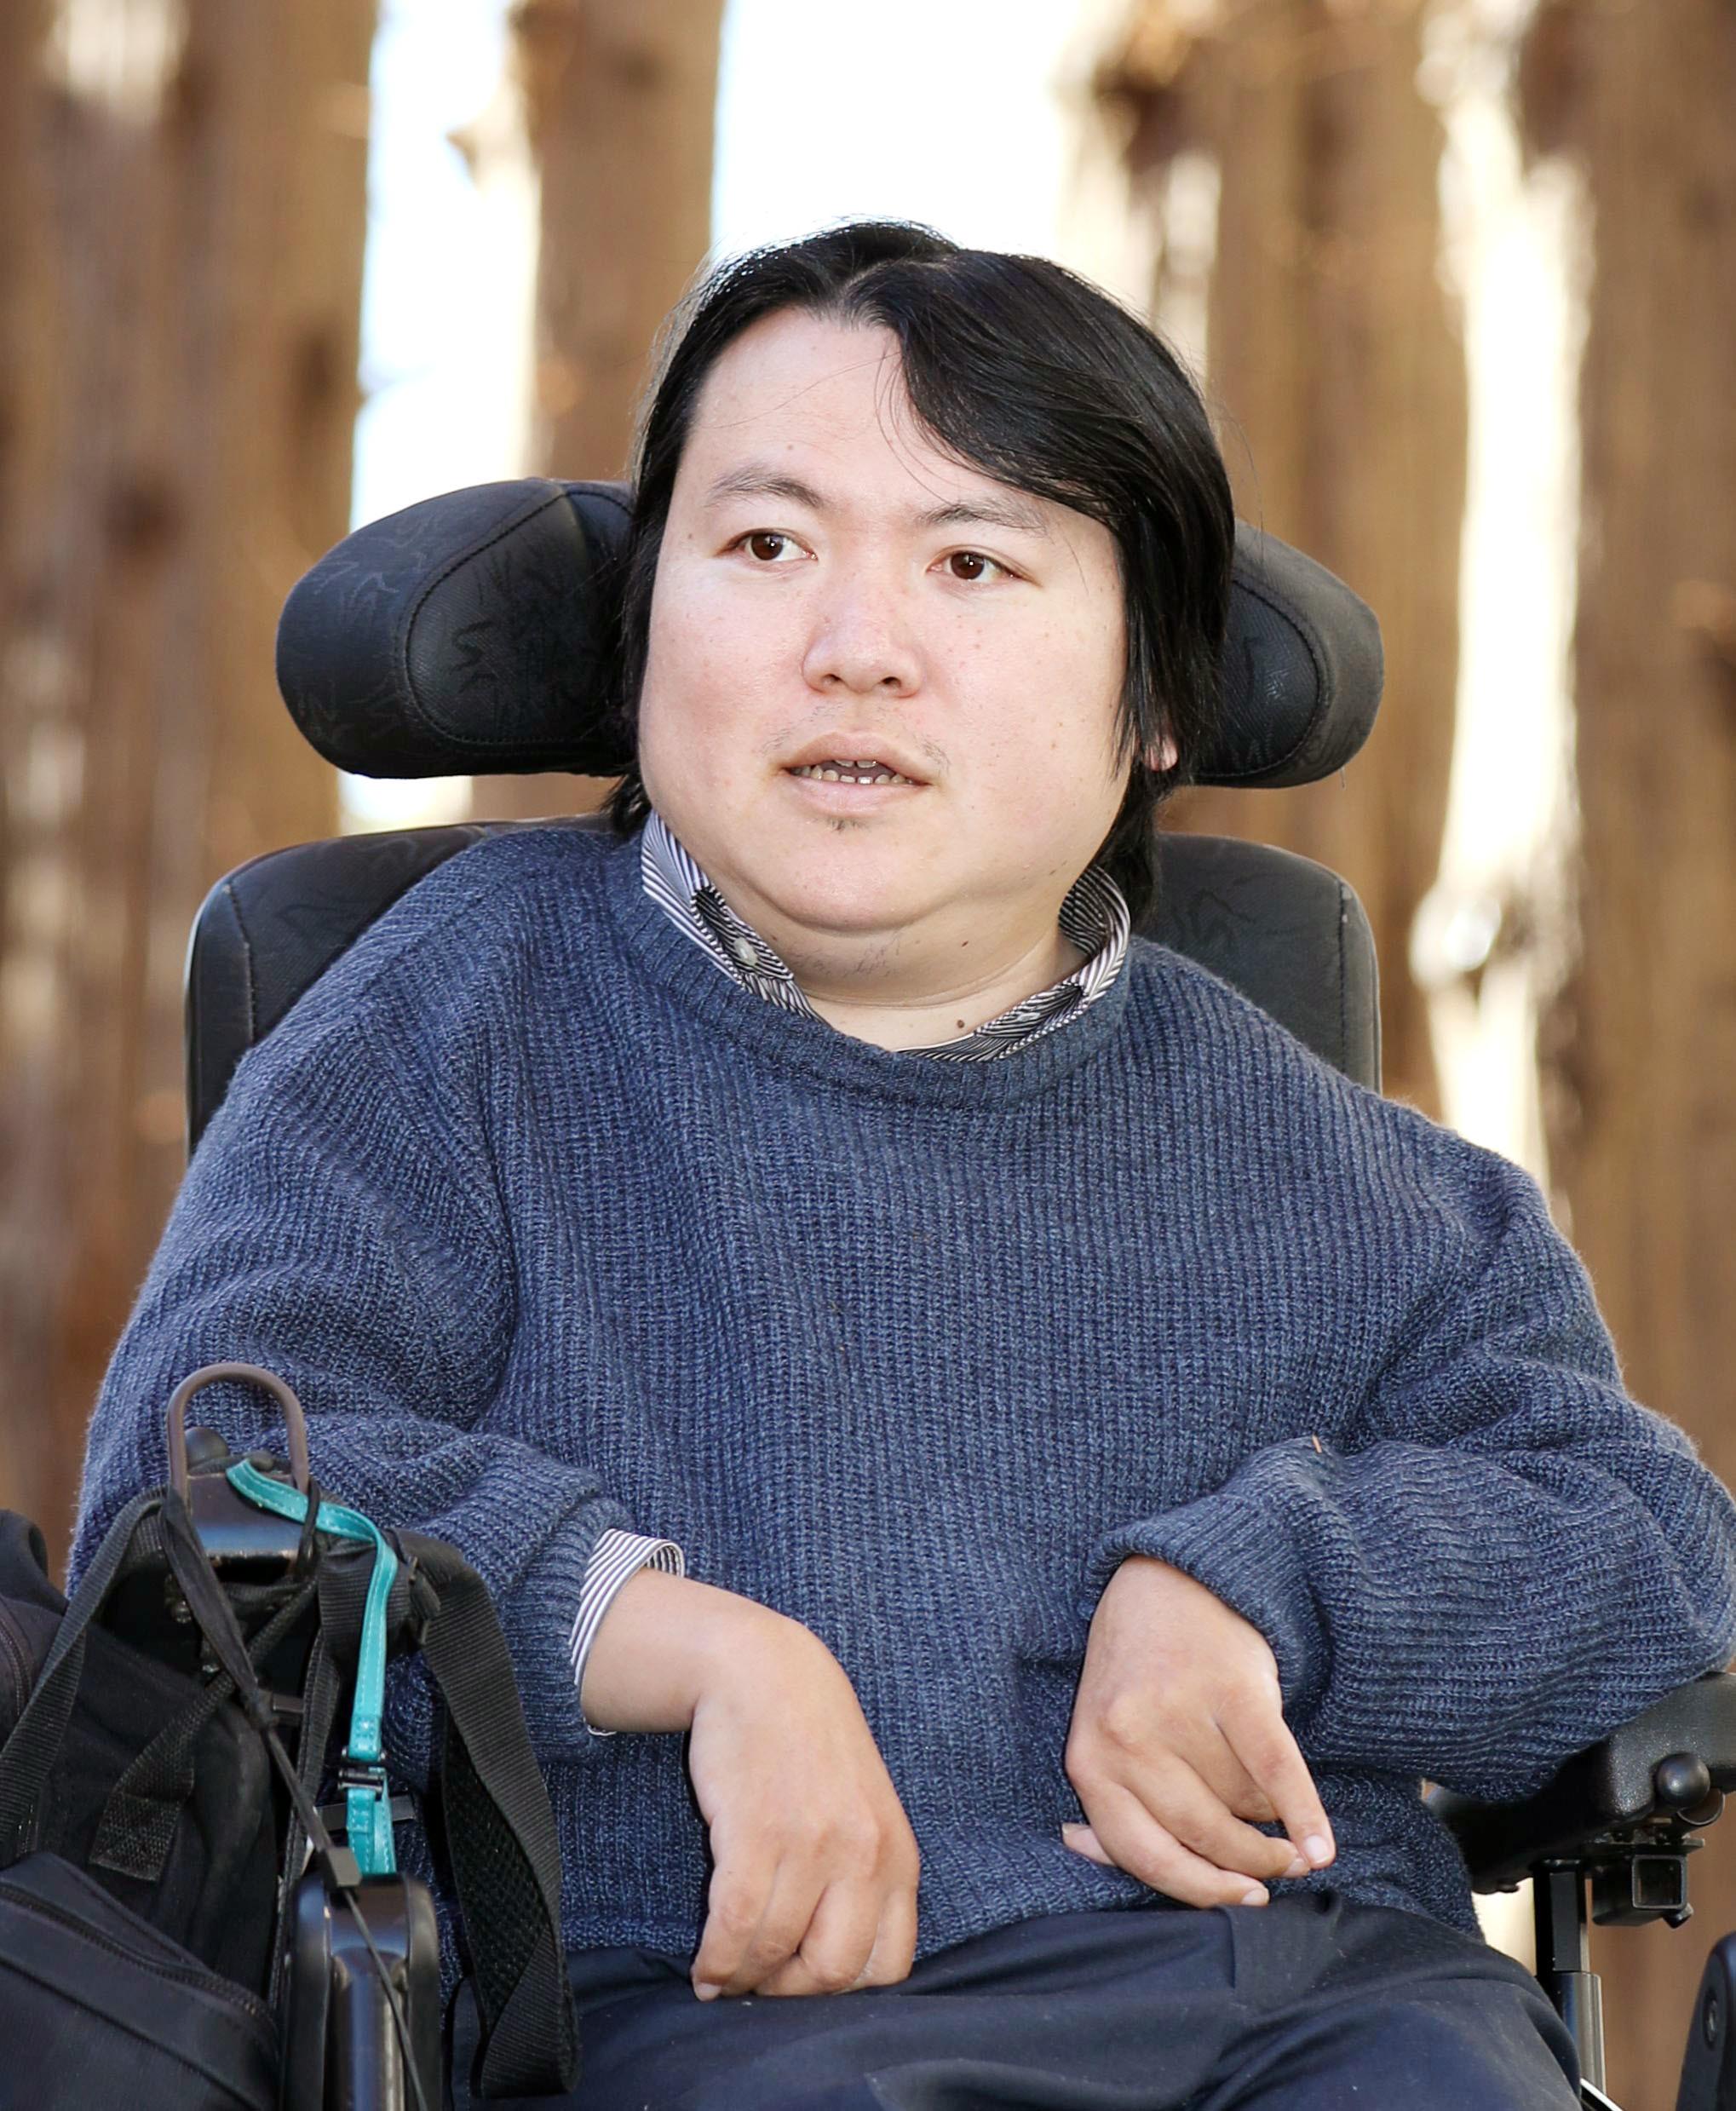 2017年12月26日、東京・駒場の東大駒場リサーチキャンパスで撮影  障害者と能力社会について答える東大准教授で医師の熊谷晋一郎